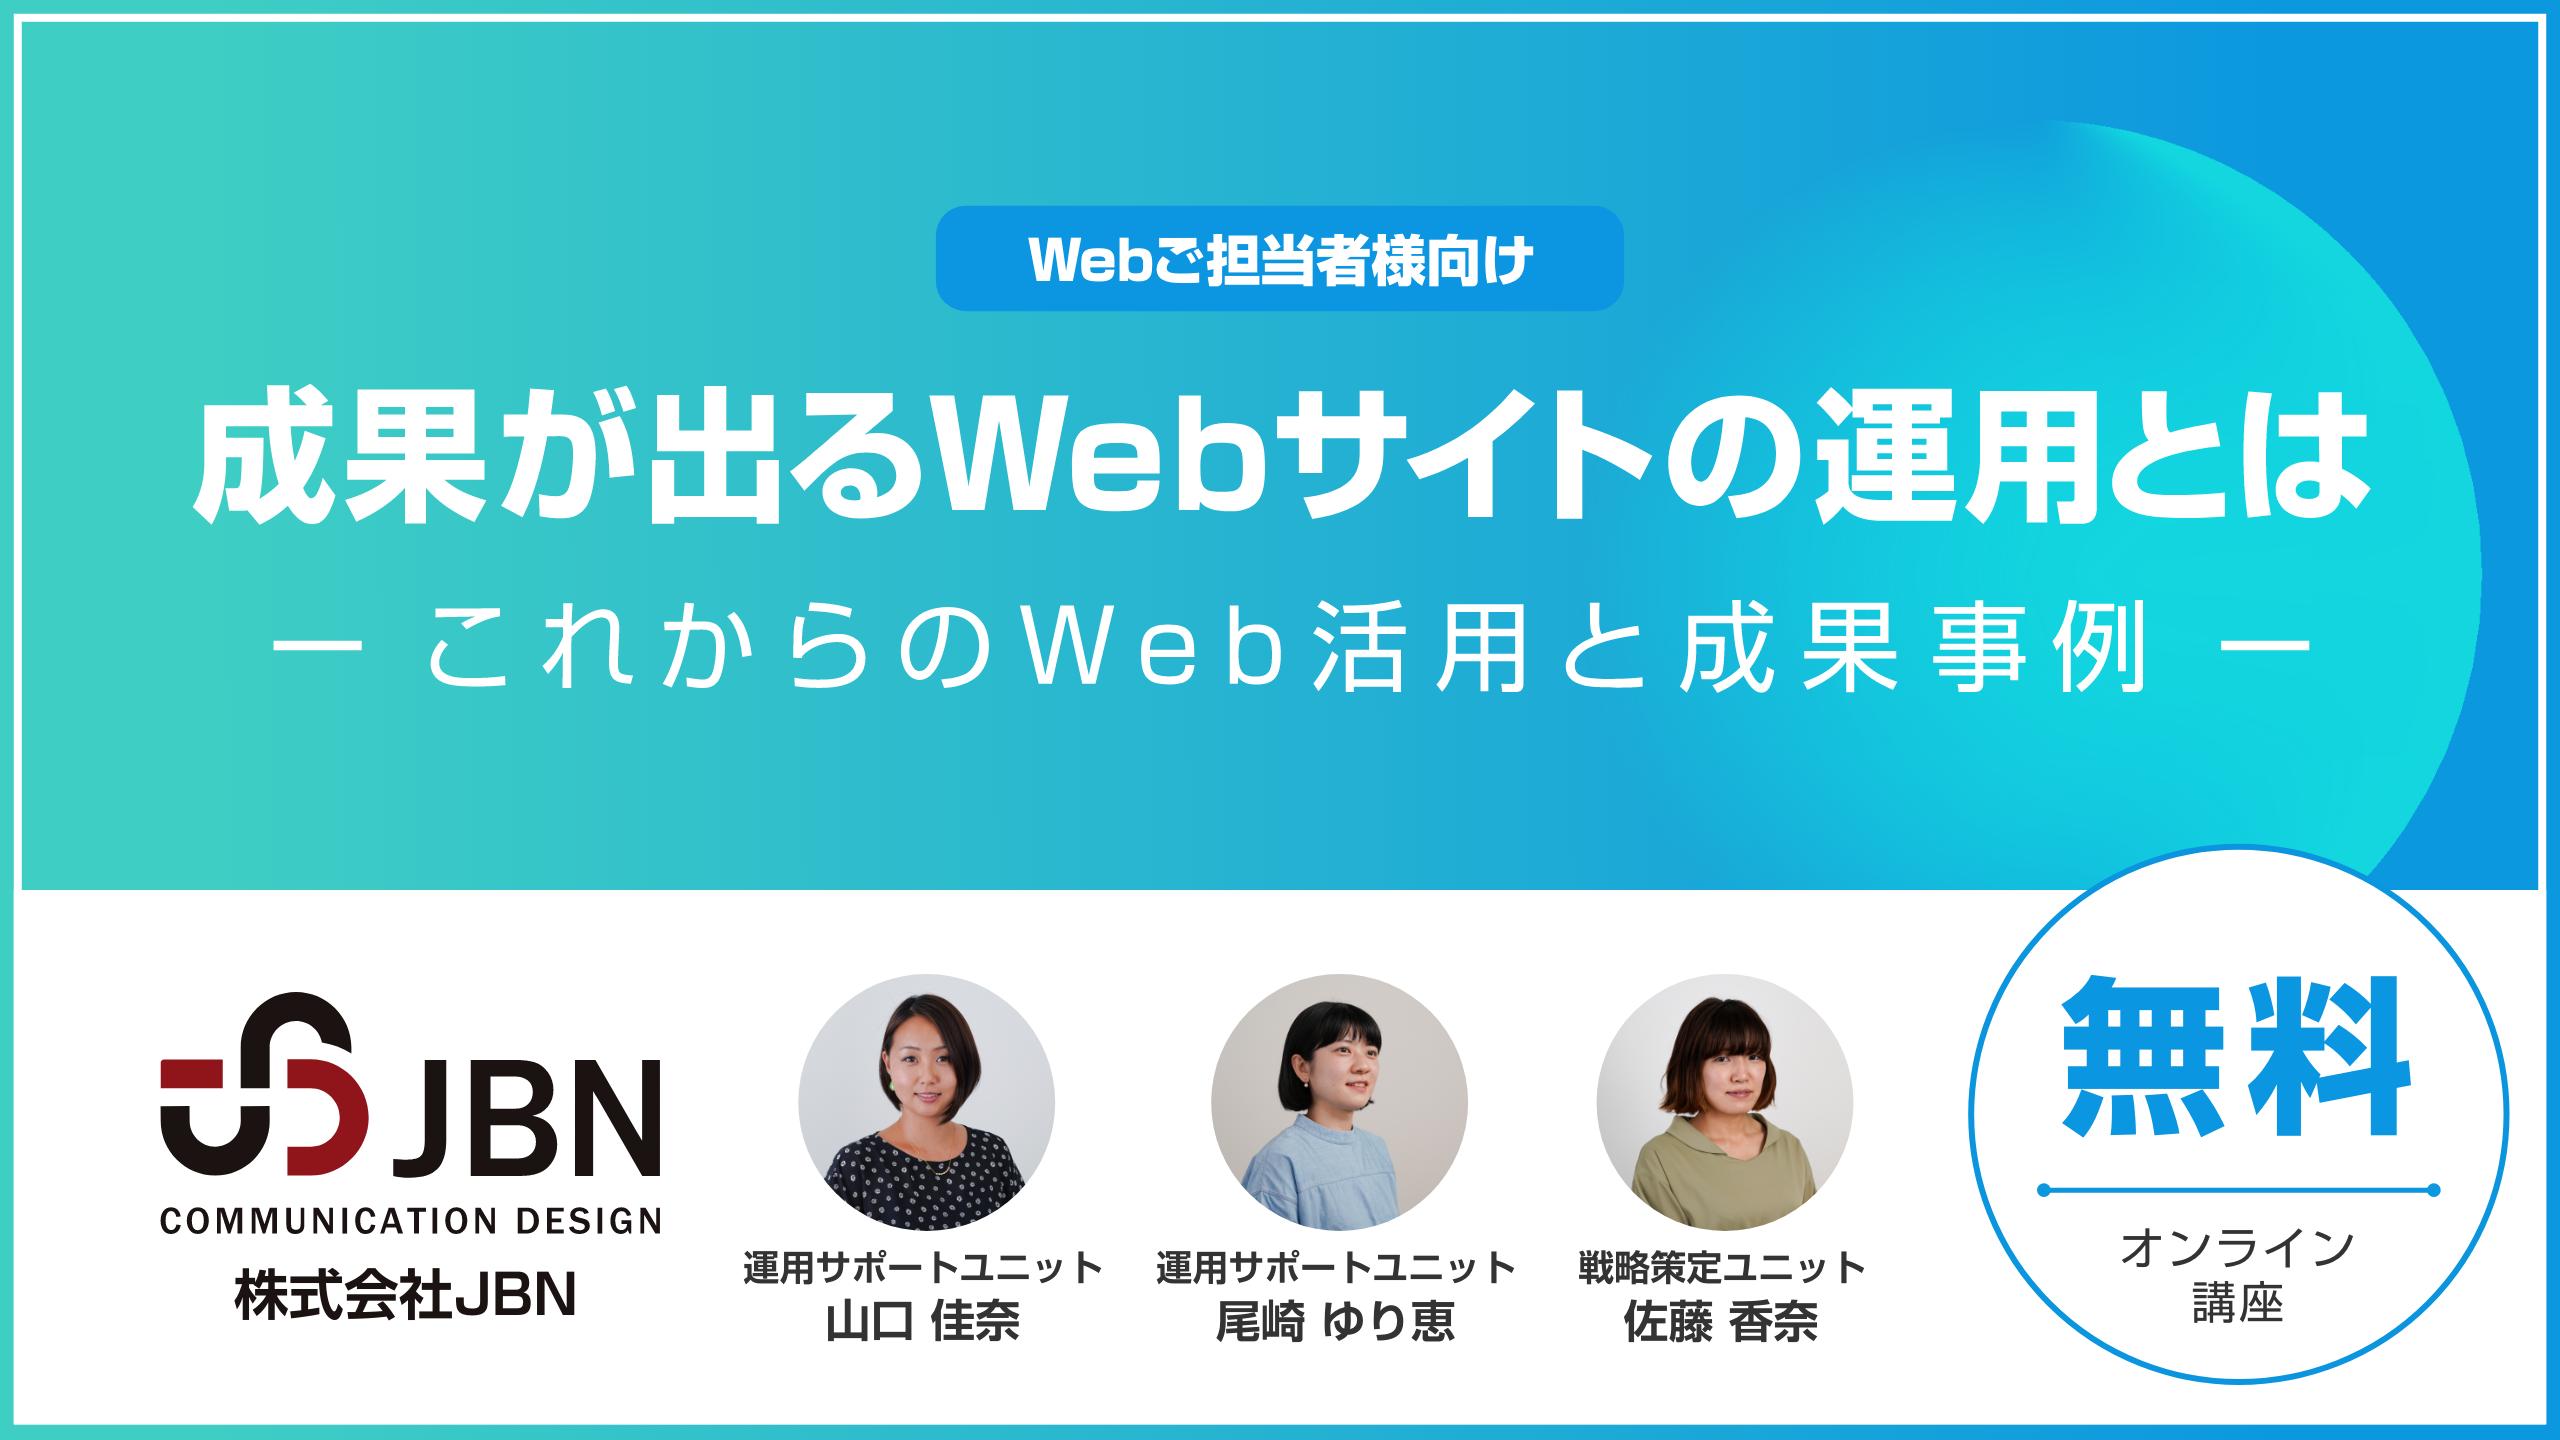 成果がでるWebサイトの運用とは。これからのWebサイト活用と成果事例。